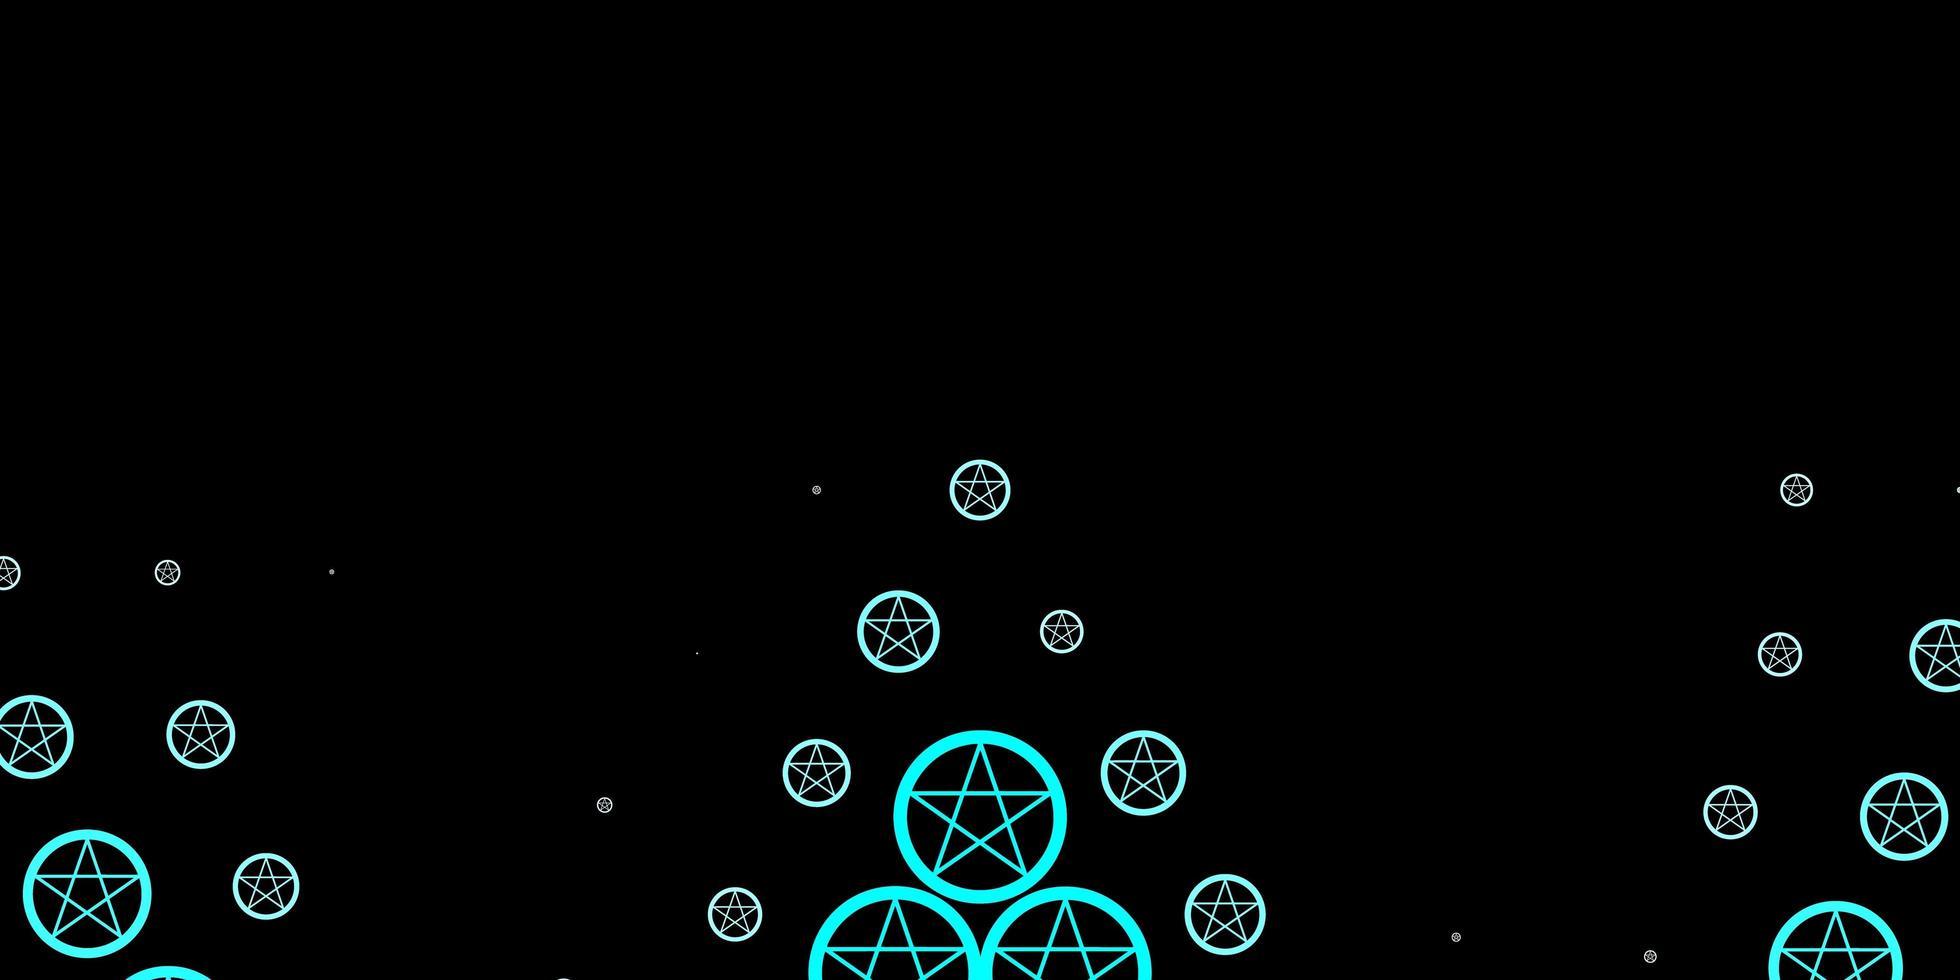 mörkblå mall med esoteriska tecken vektor